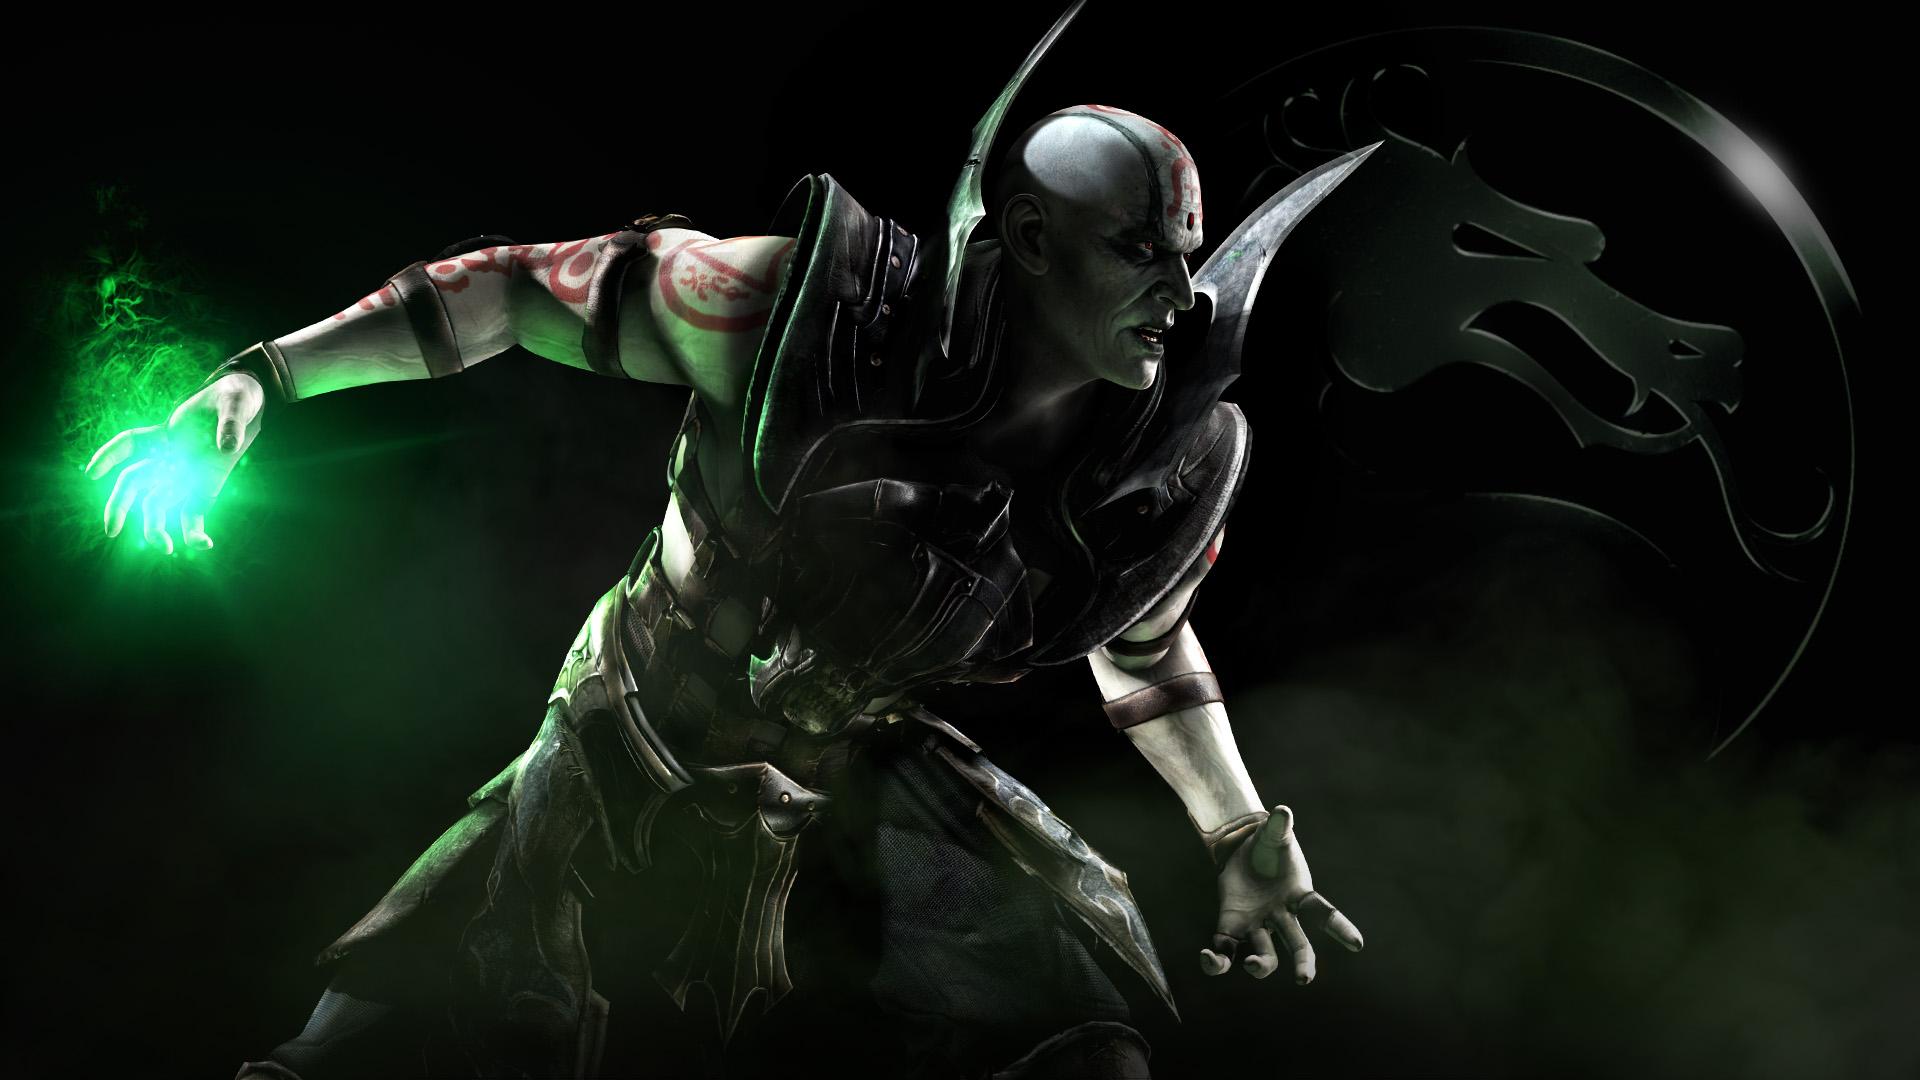 Quan Chi Mortal Kombat X Hd Wallpaper